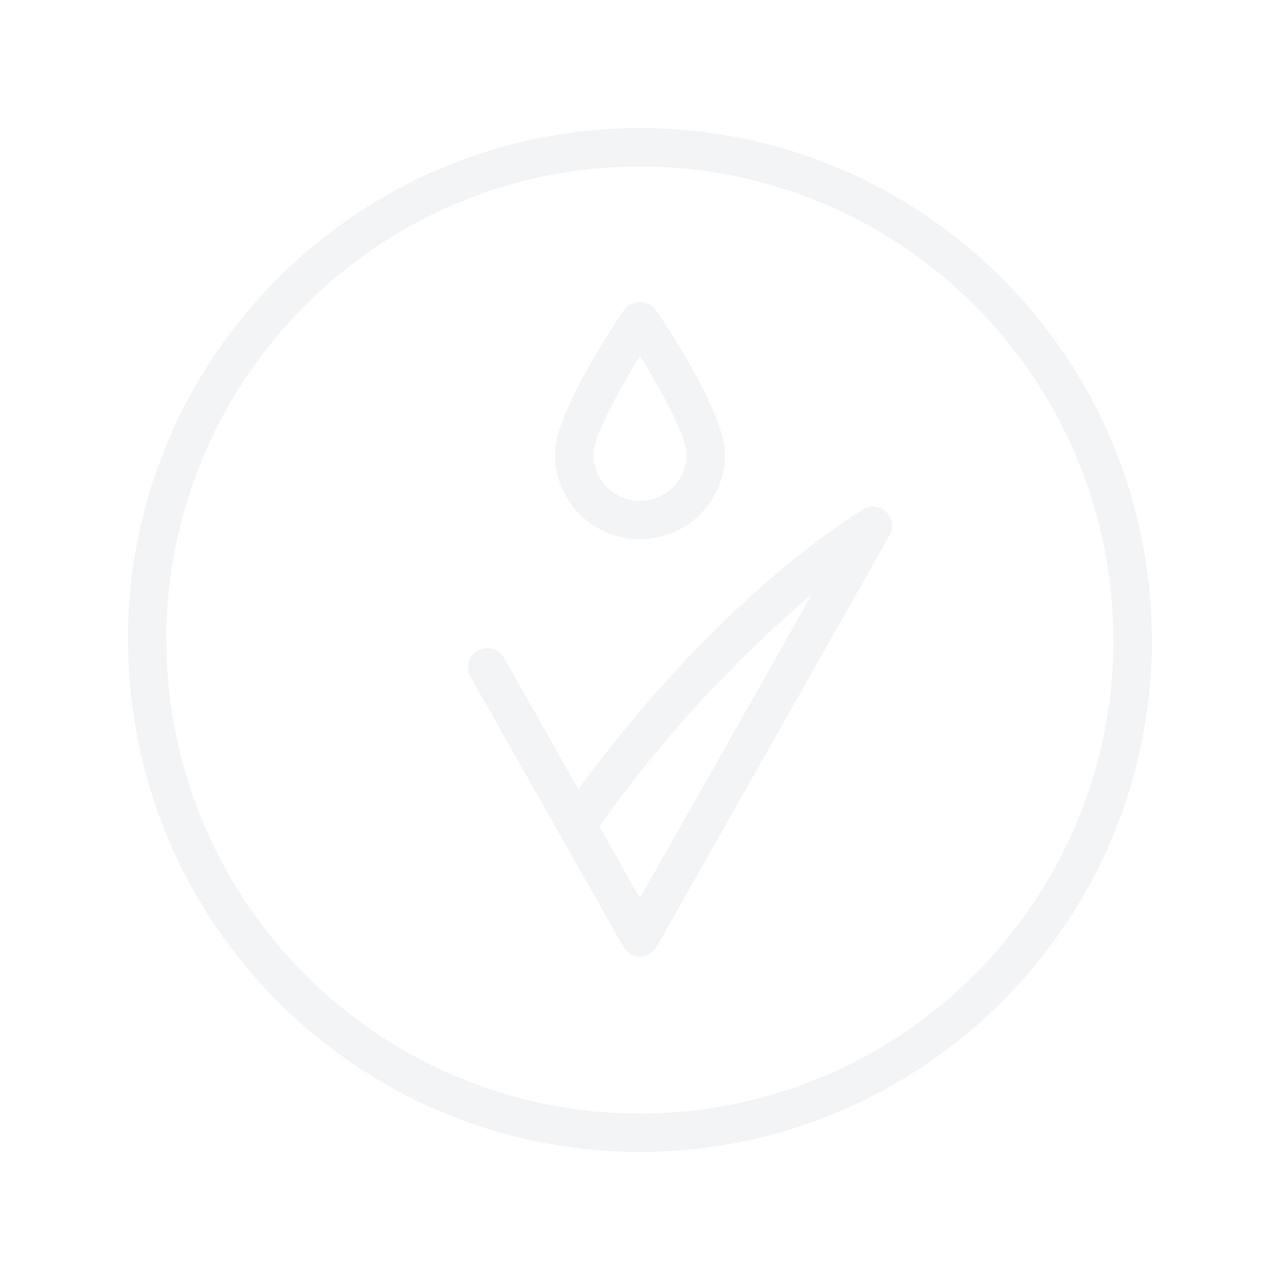 BALMAIN Sun Protection Spray несмываемый солнцезащитный спрей для волос 200ml